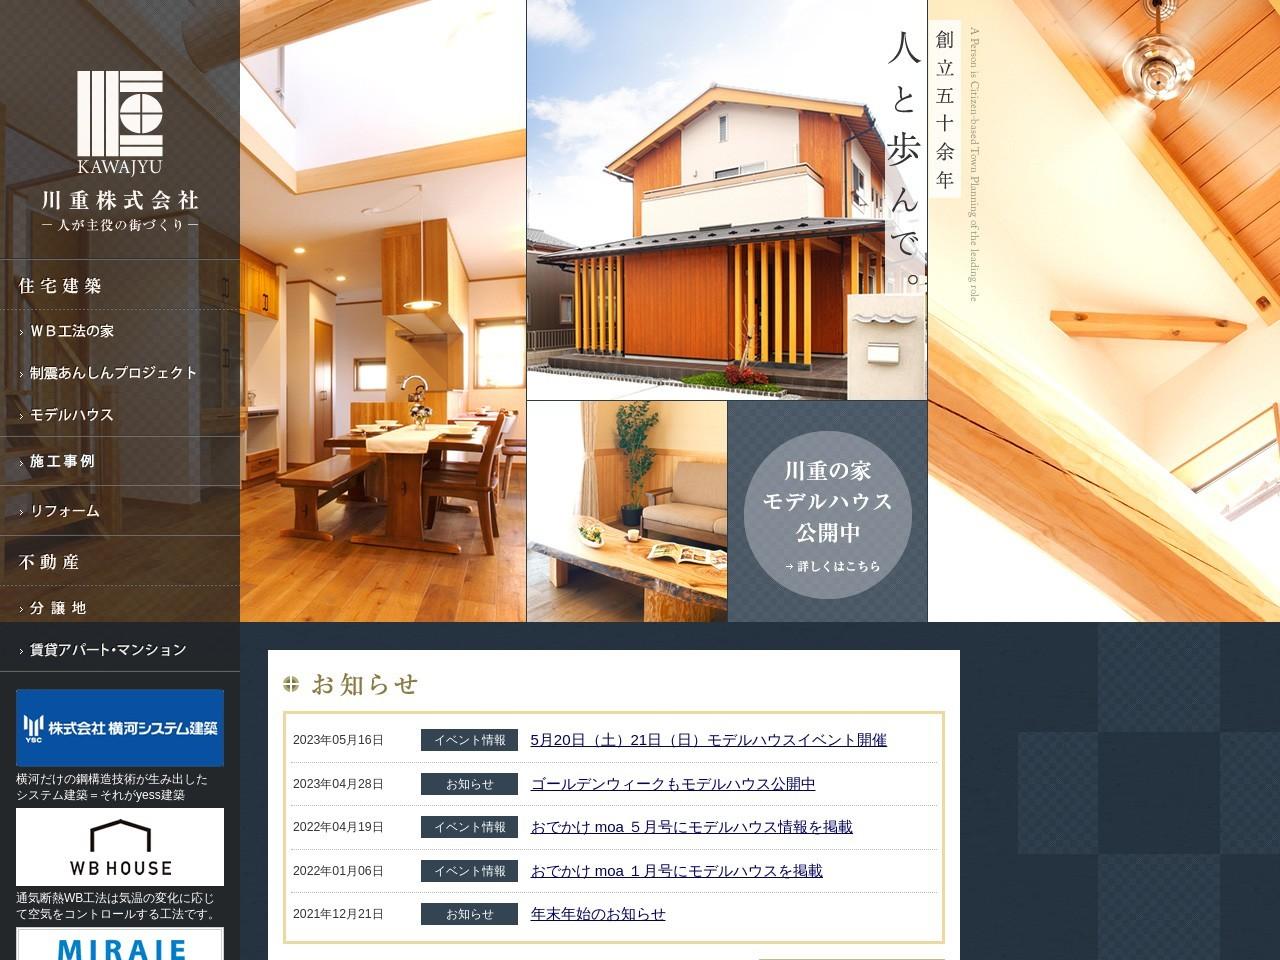 川重株式会社